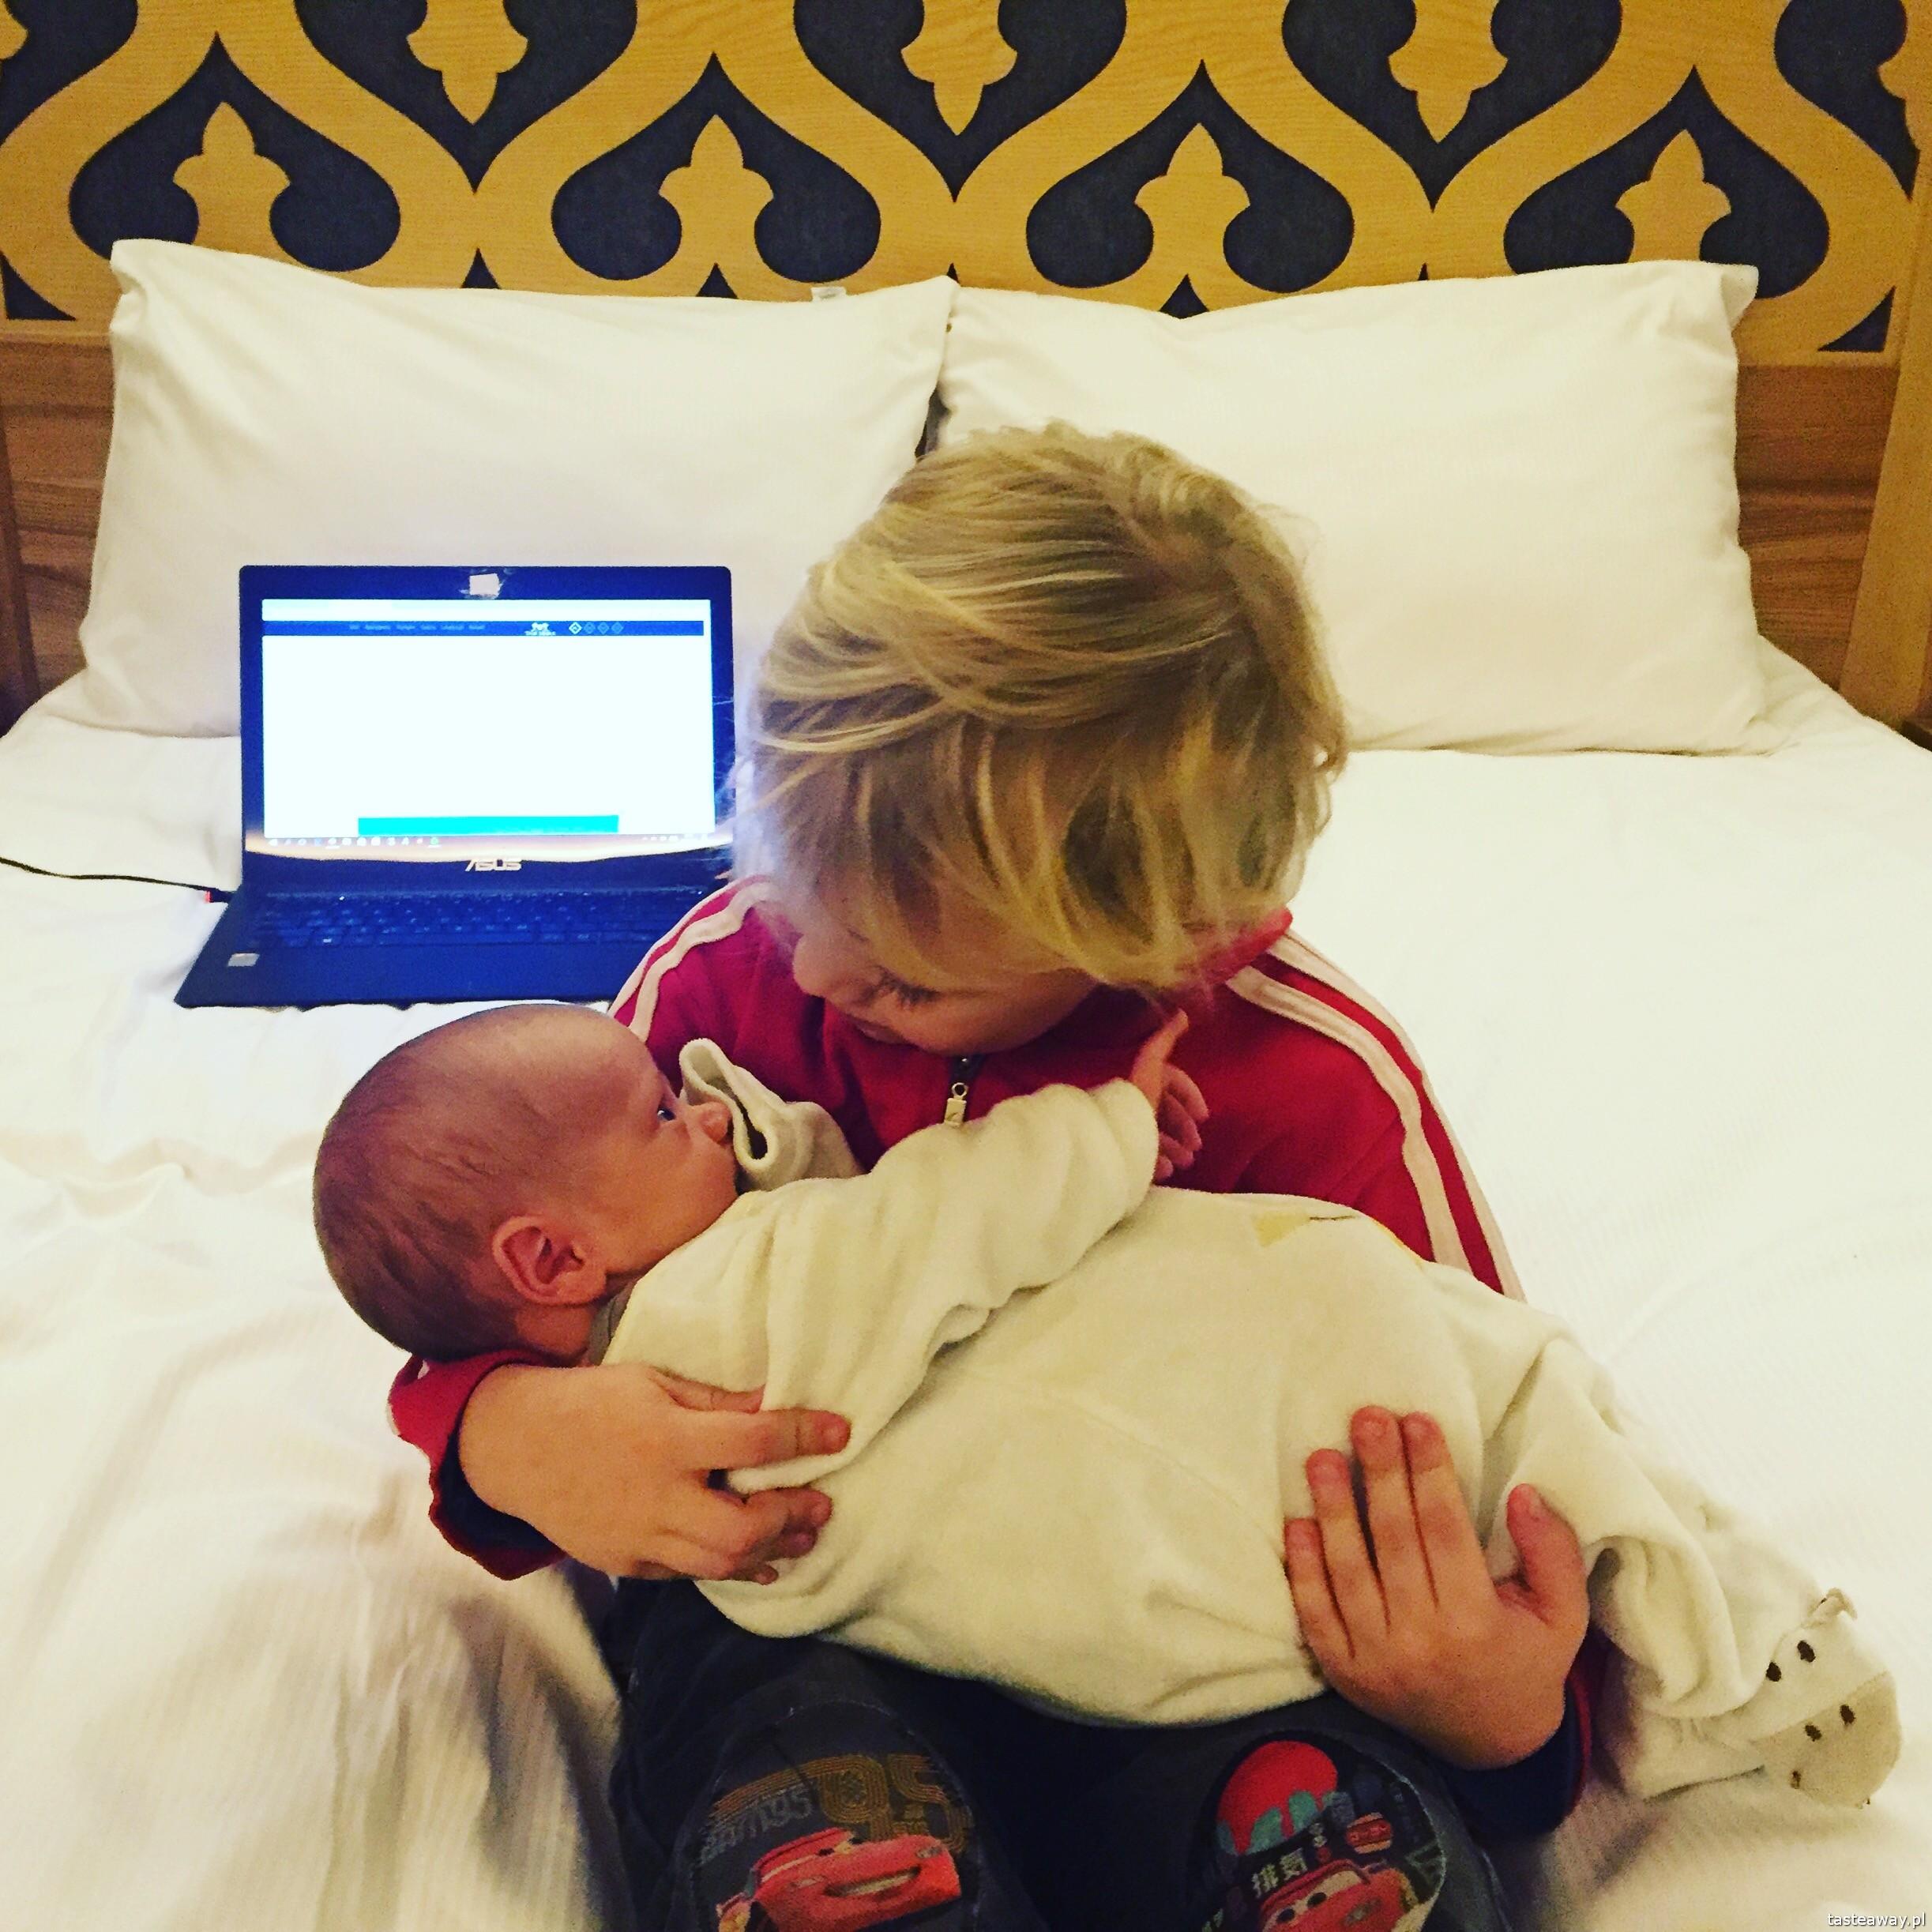 pierwsza podróż z maluchem, podróże z dzieckiem, jak podróżować z dzieckiem, jak podróżować z niemowlakiem, niemowlę w podróży